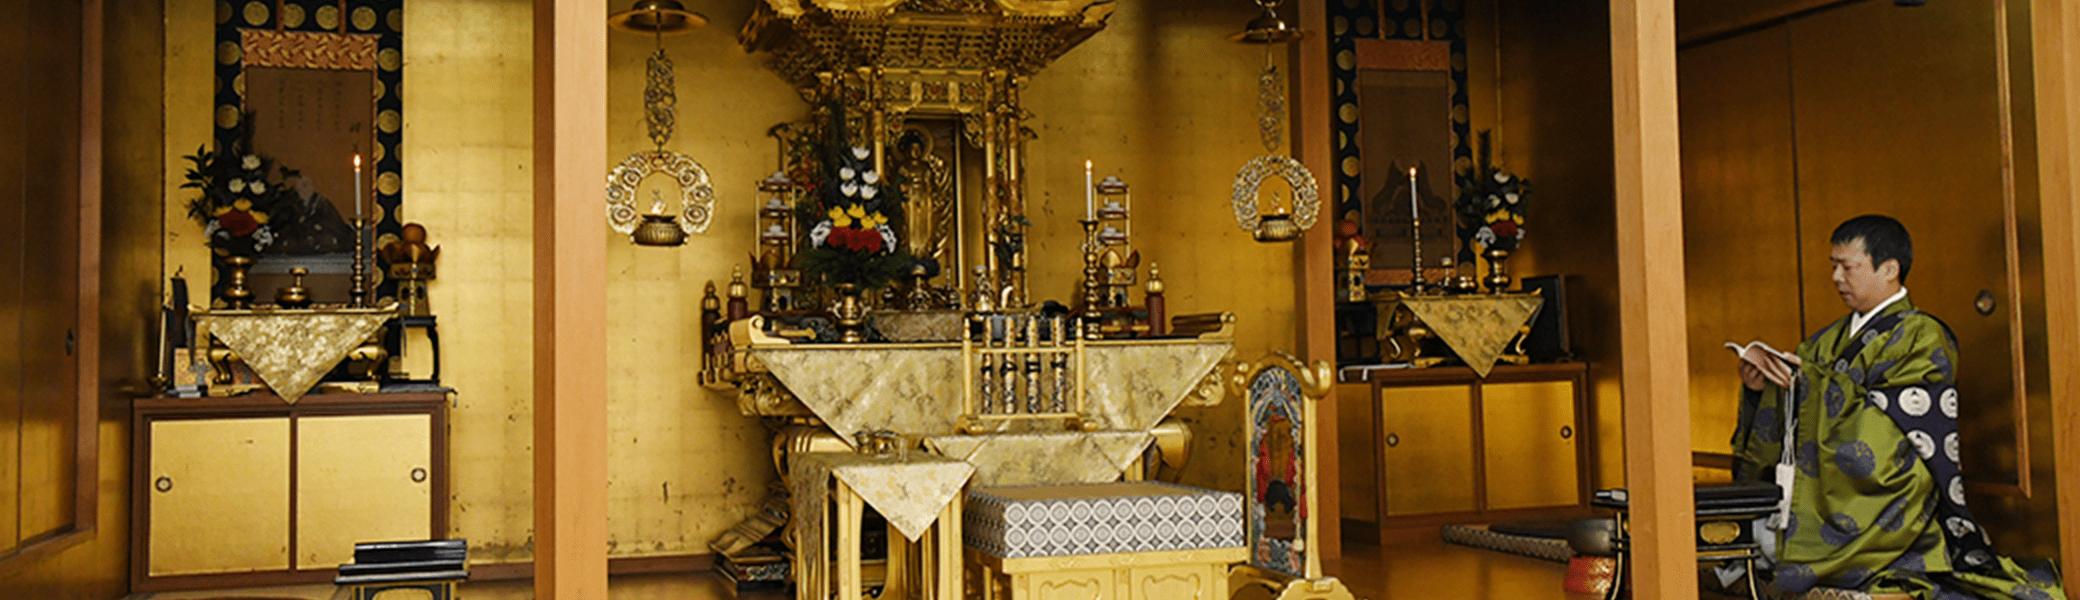 宗教法人 西教寺